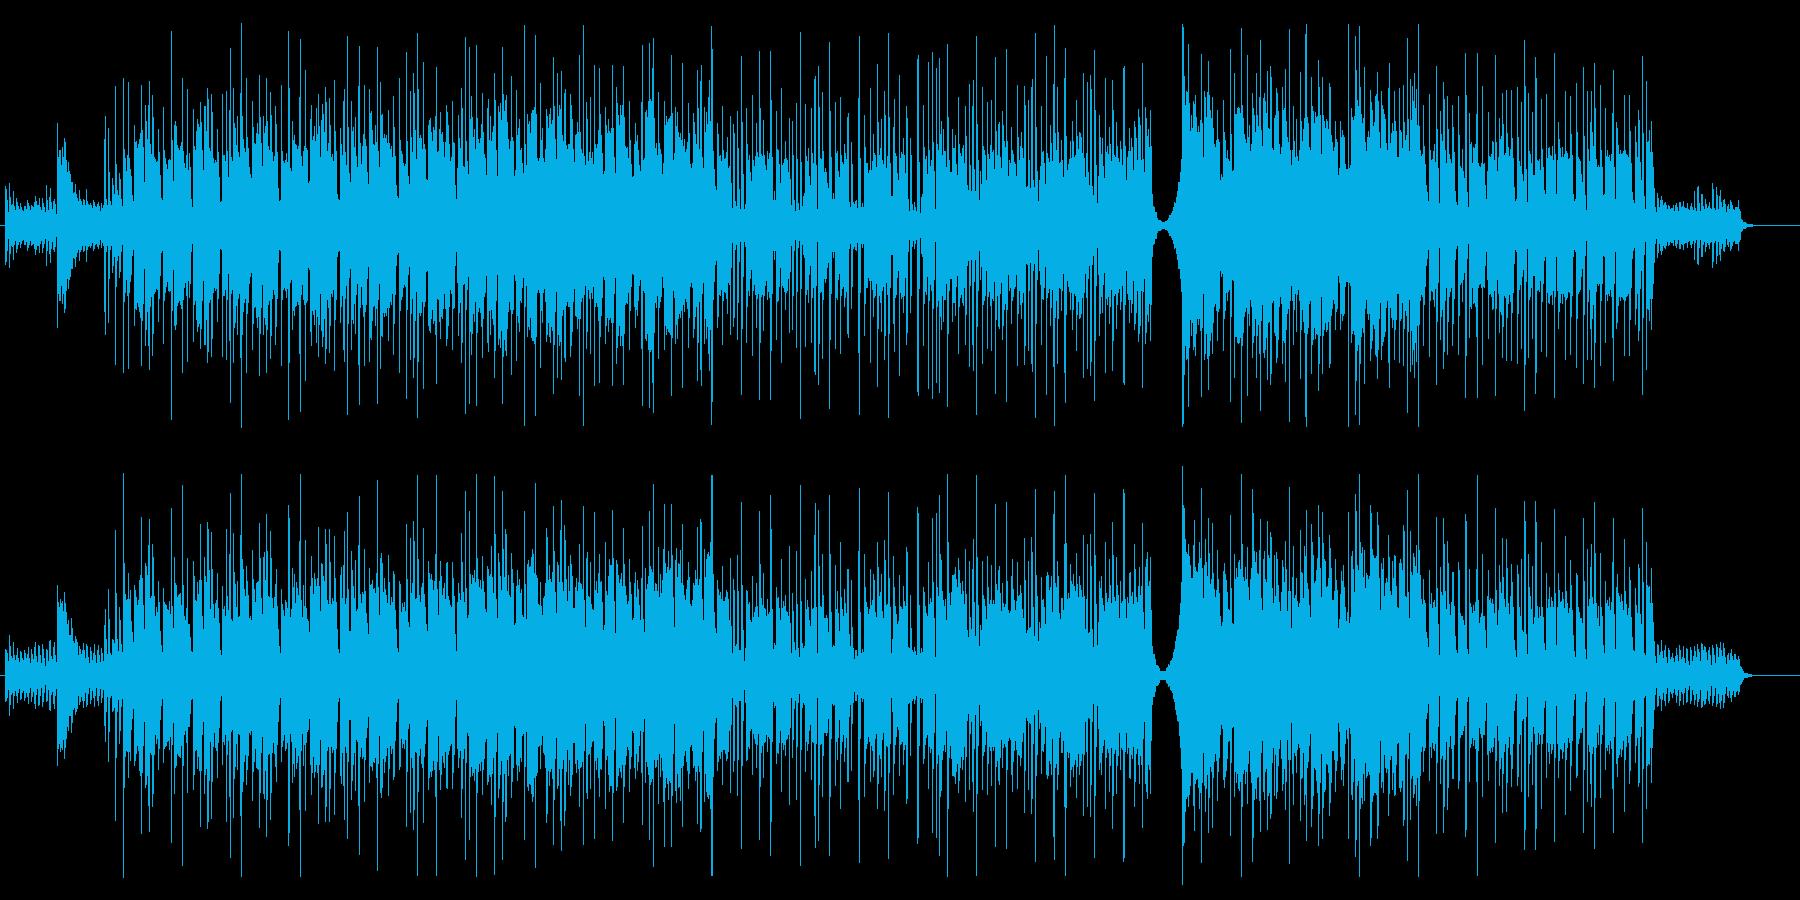 【オーケストラ】ワクワク_朗らか_日常の再生済みの波形